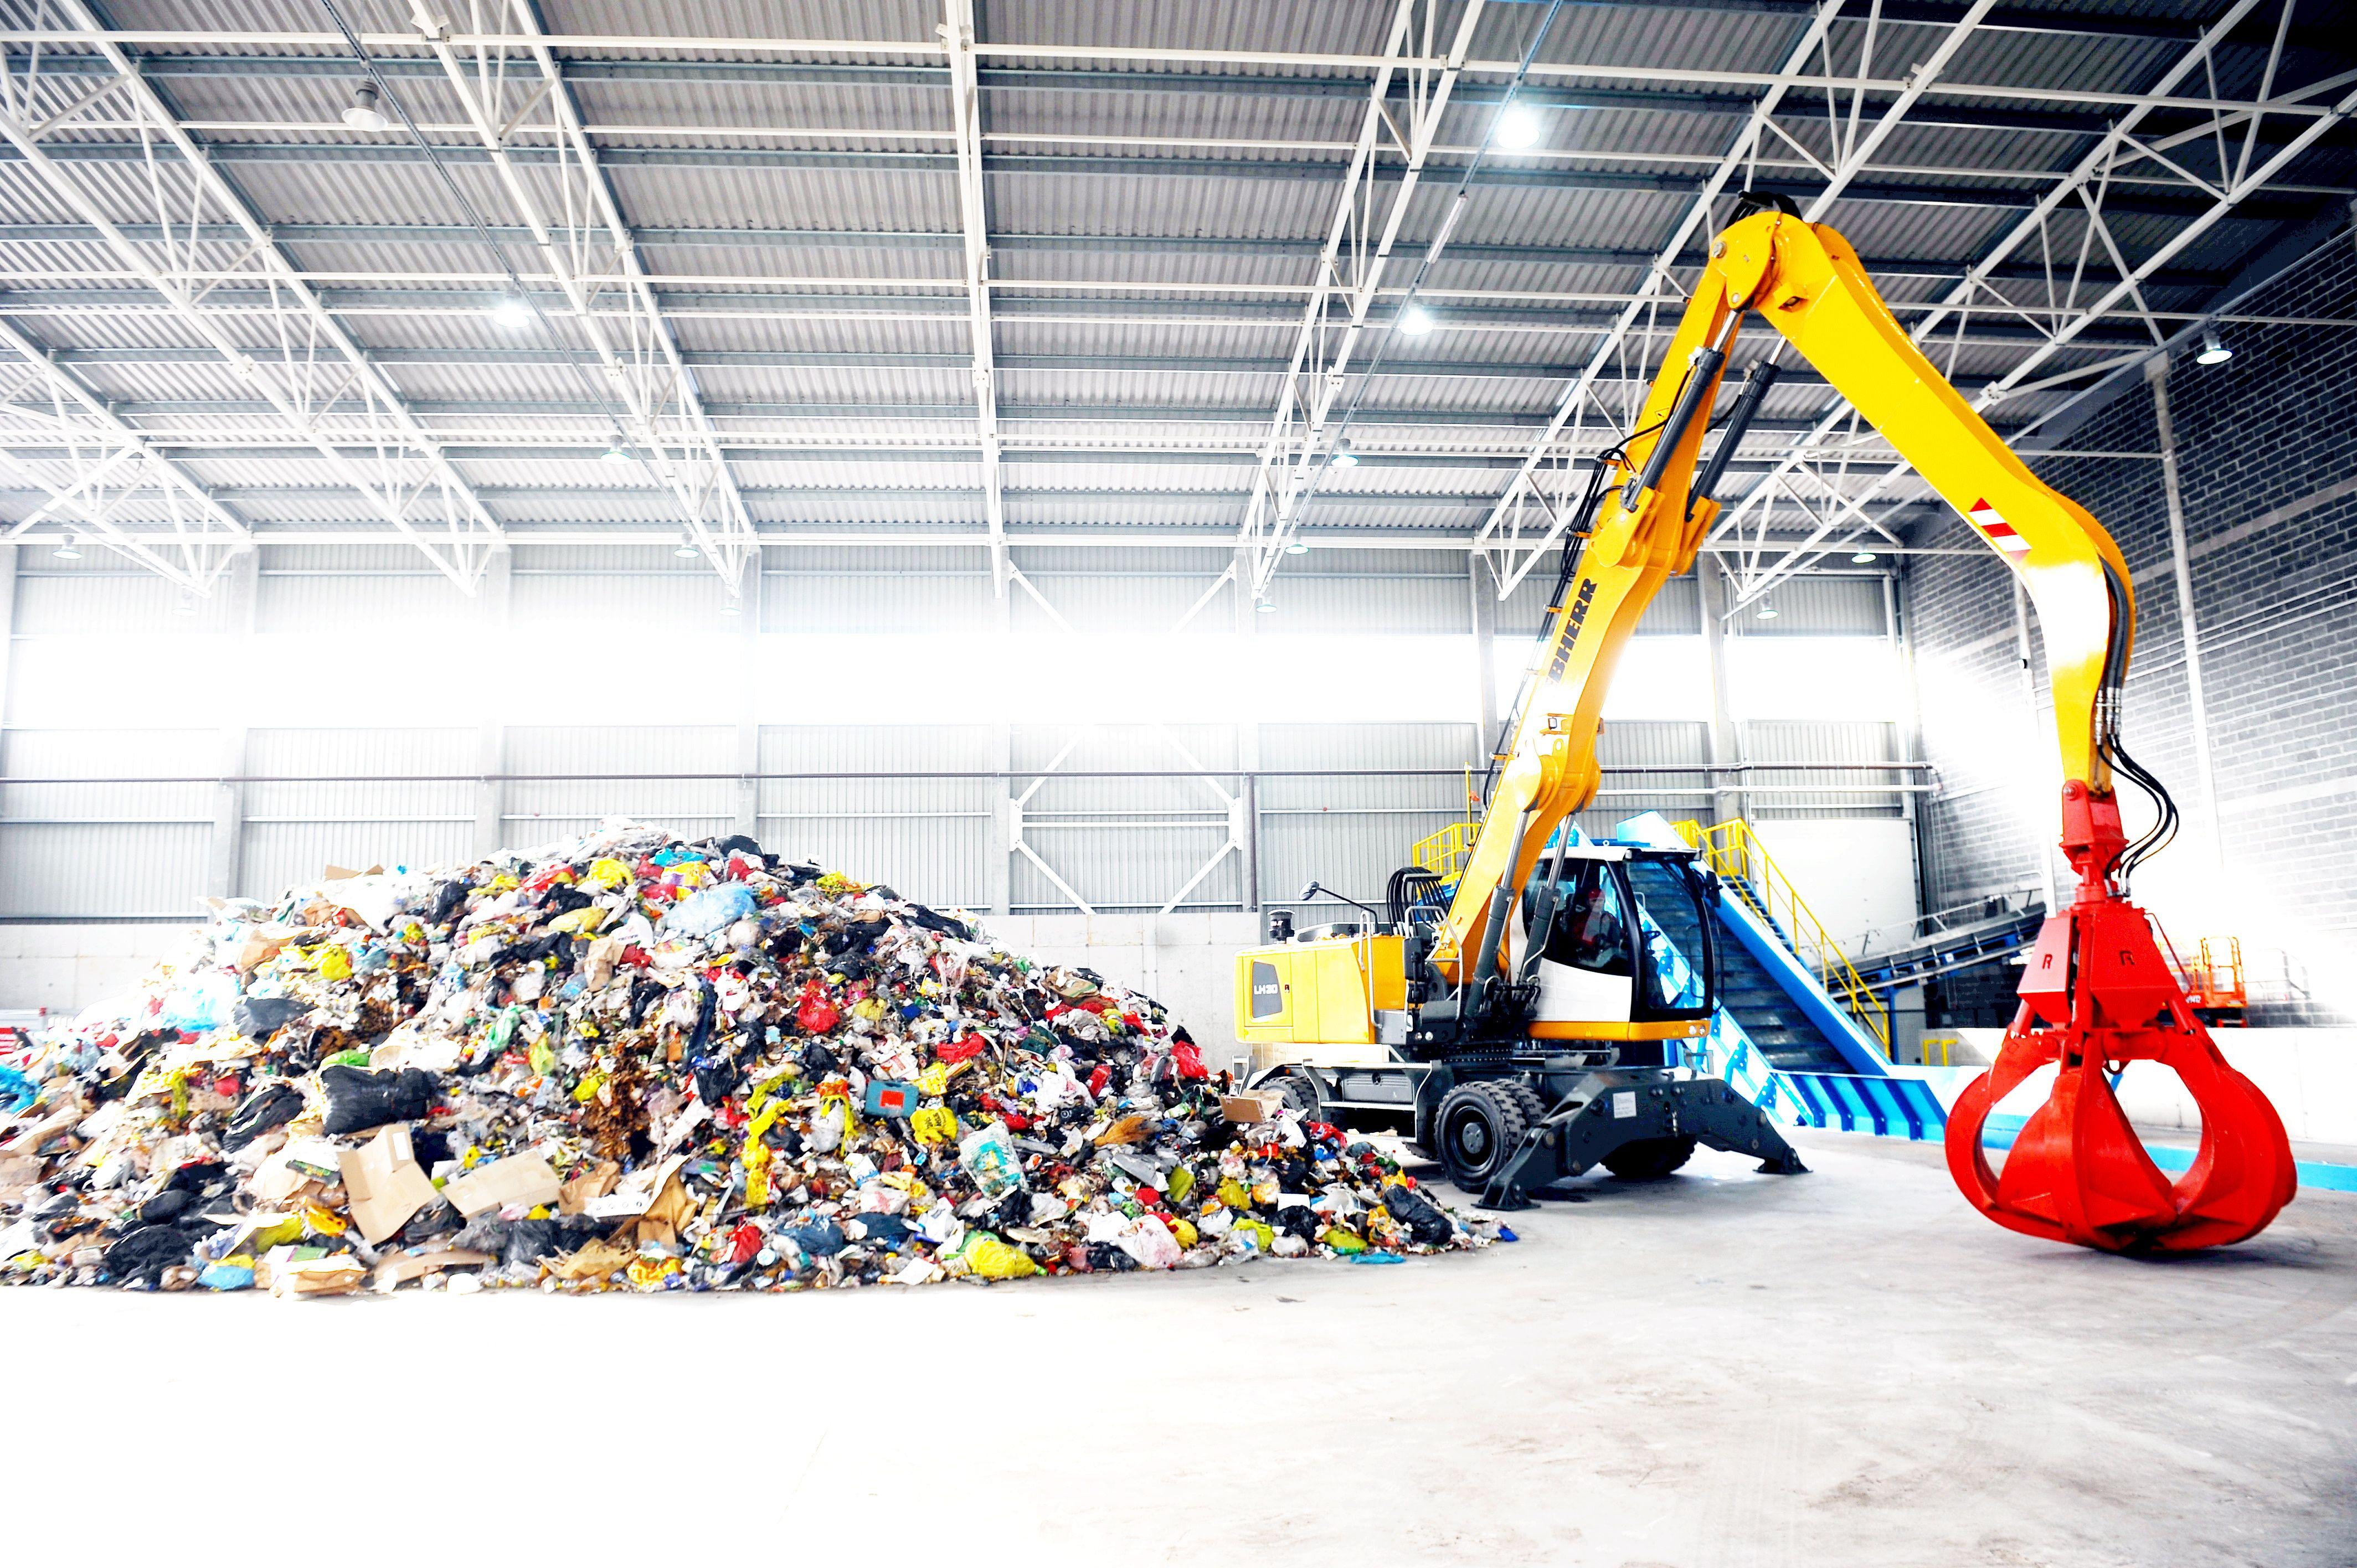 места временного хранения отходов производства